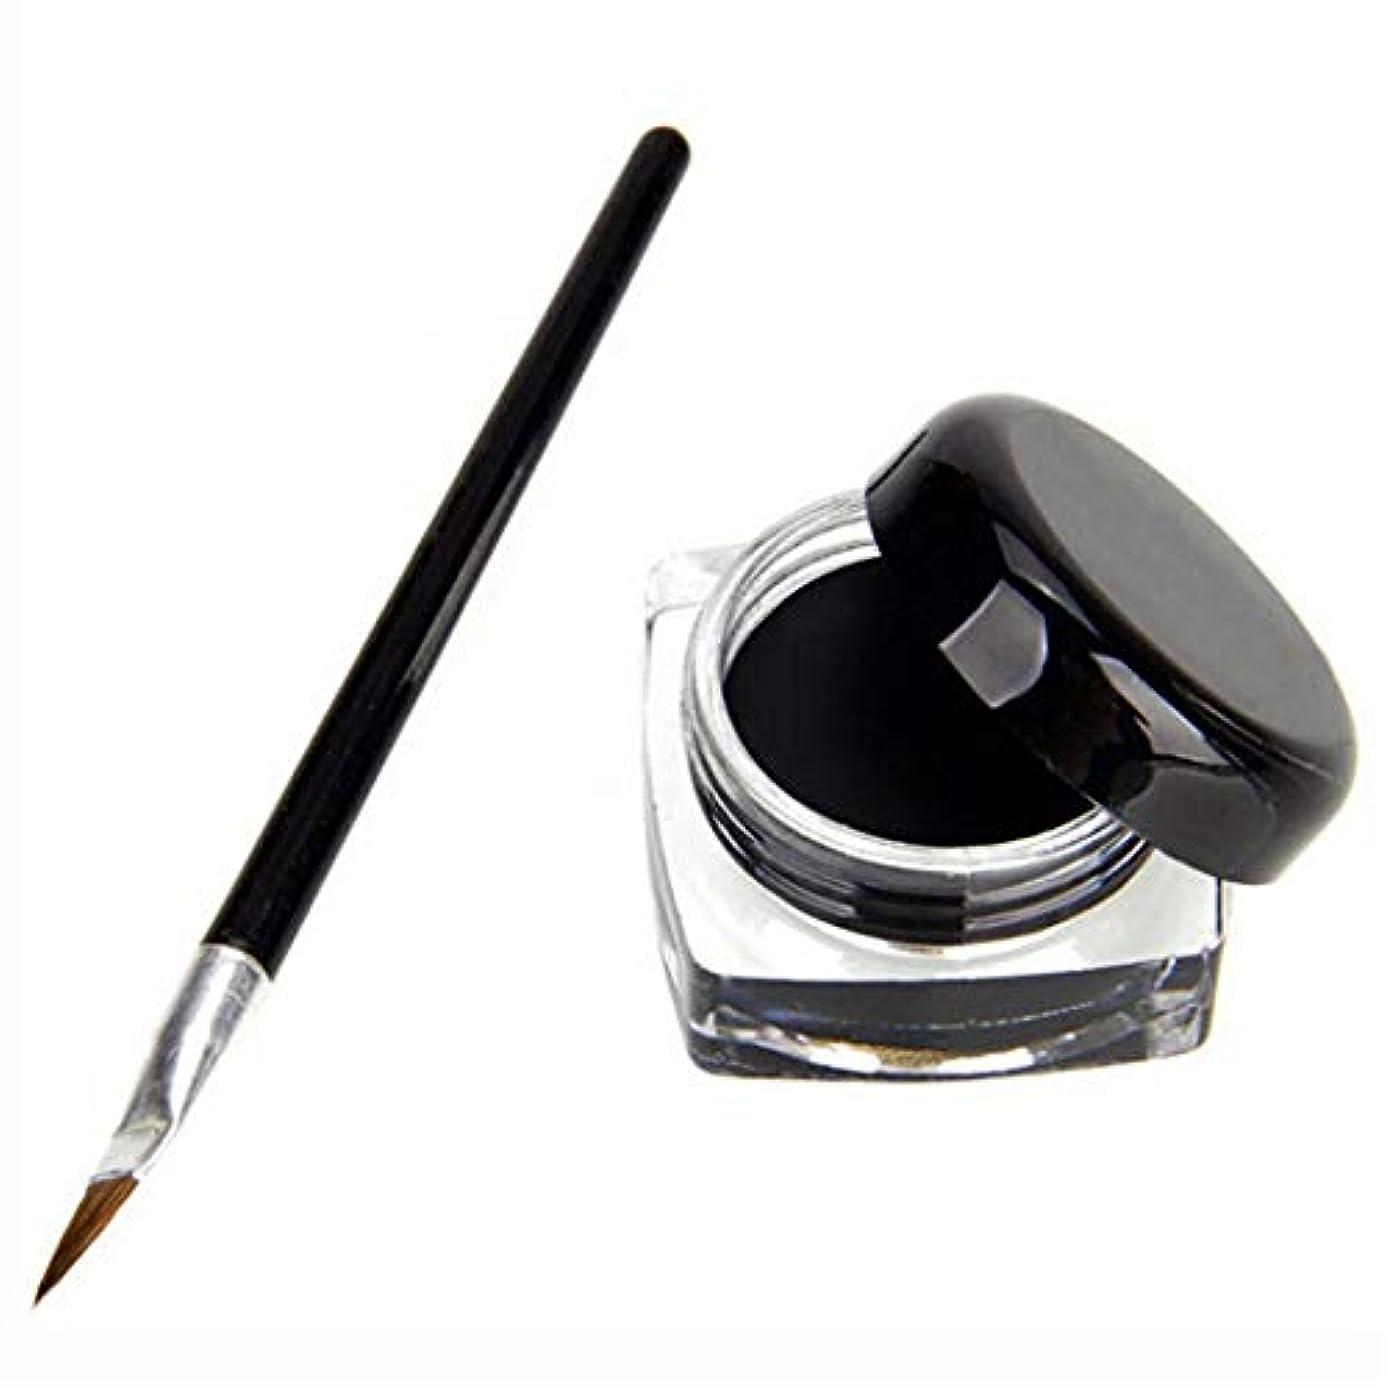 パッケージ引退する共和国Underleaf ブラック防水アイライナージェル化粧品+女性のための美容ツール